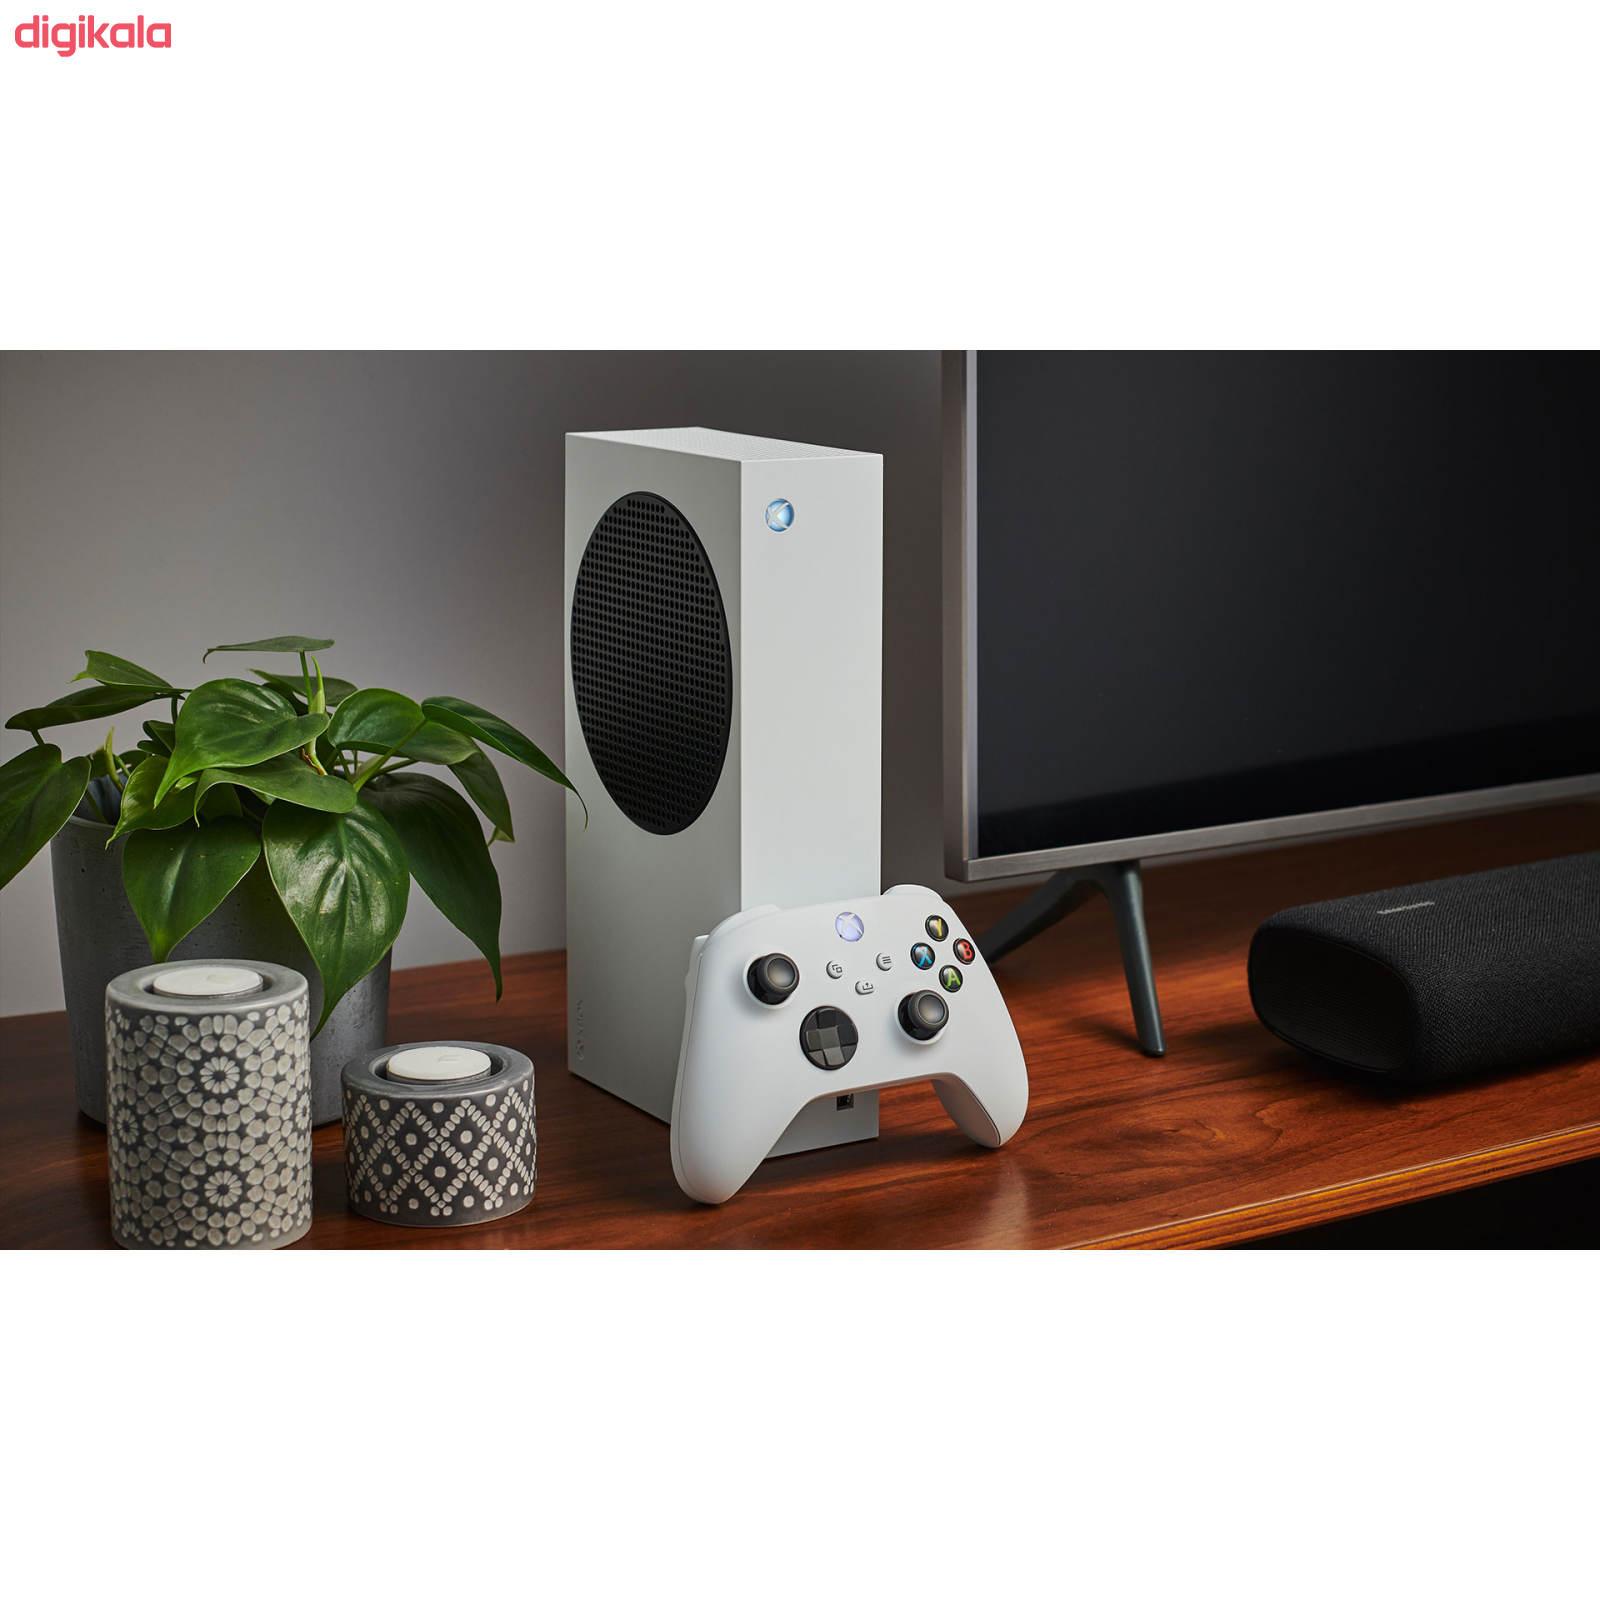 کنسول بازی مایکروسافت مدل XBOX SERIES S ظرفیت 512 گیگابایت main 1 18